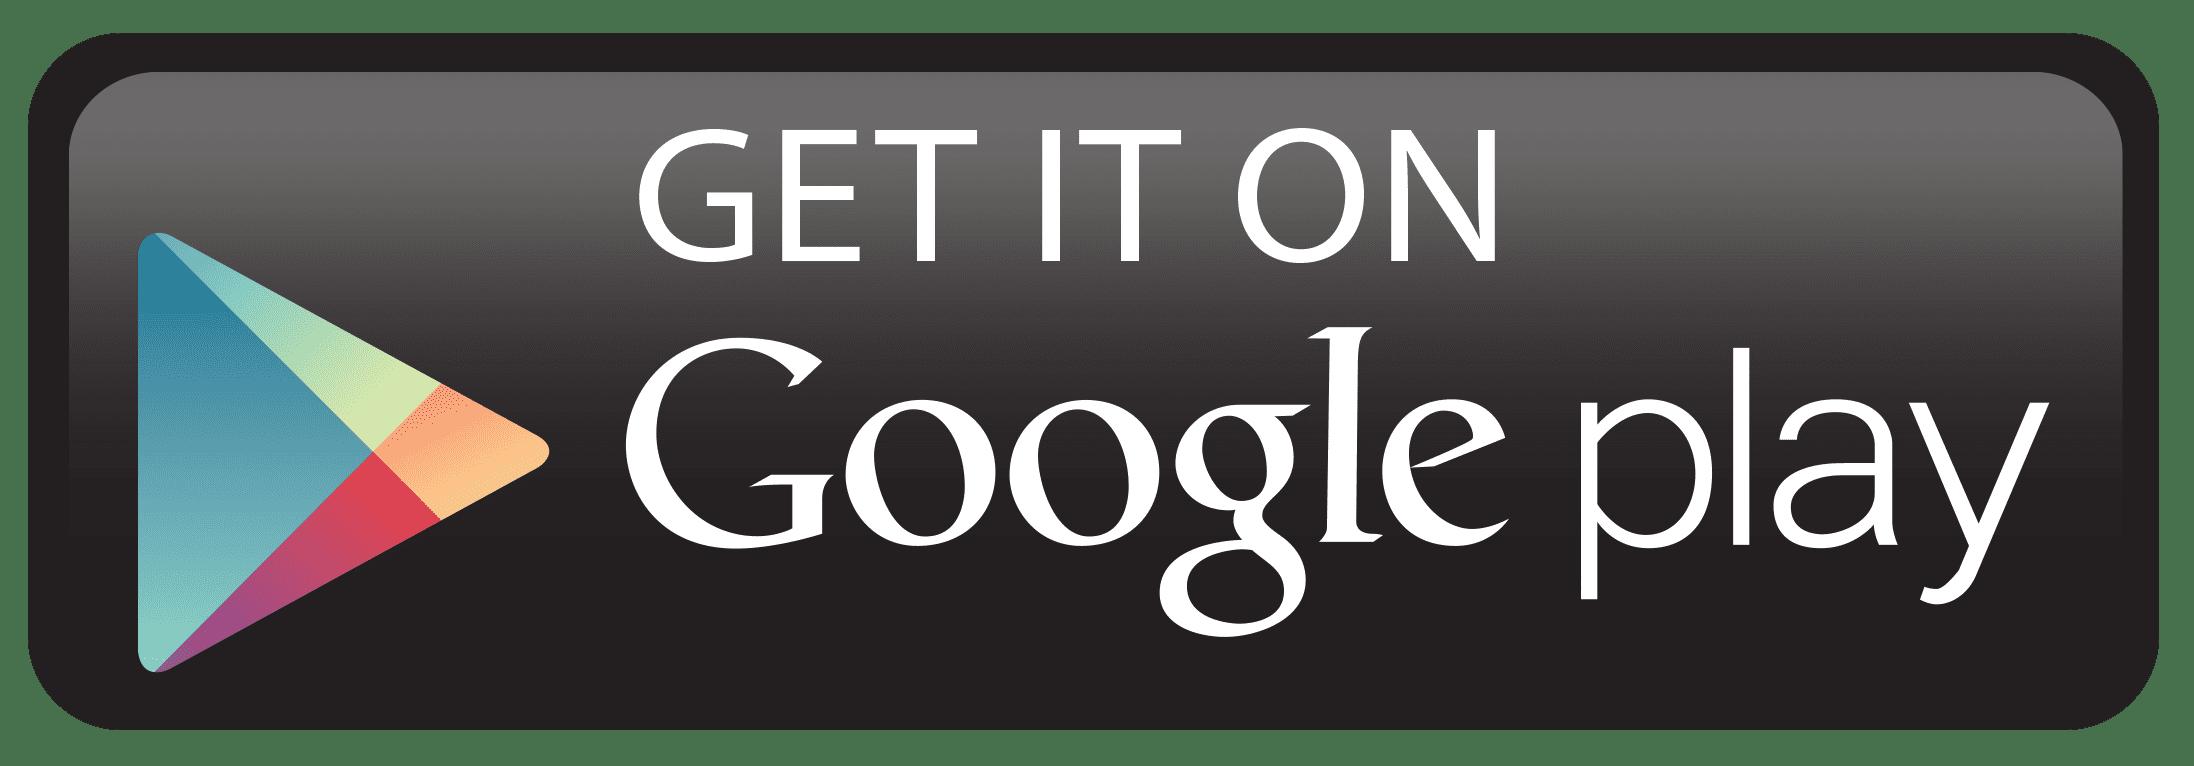 Google play logo png. R e b l